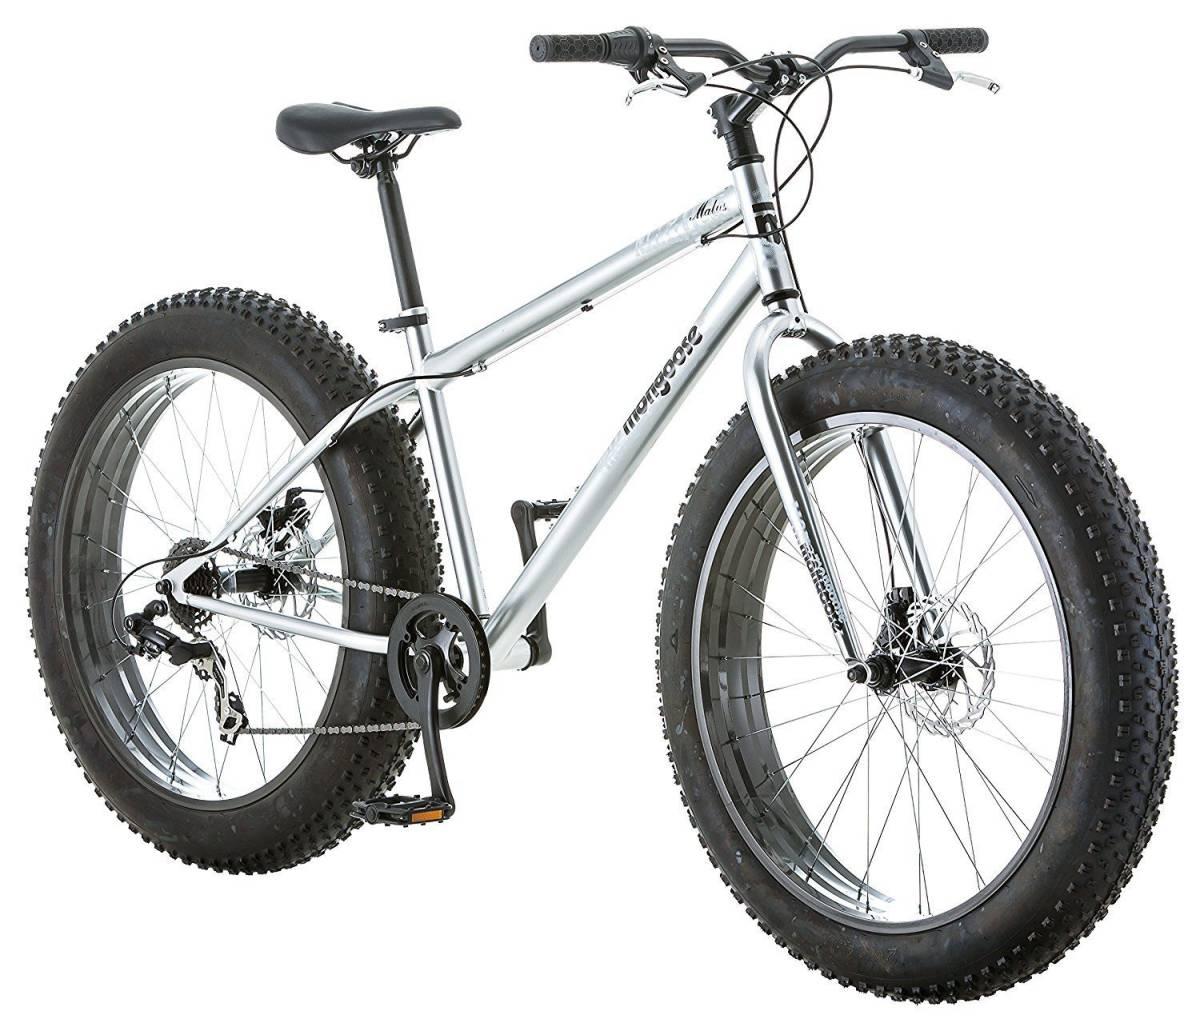 """BMX マングースメンズまたはボーイズMalus 26 """"7スピードファットタイヤクルーザー自転車BMXバイクNEW Mongo_画像2"""